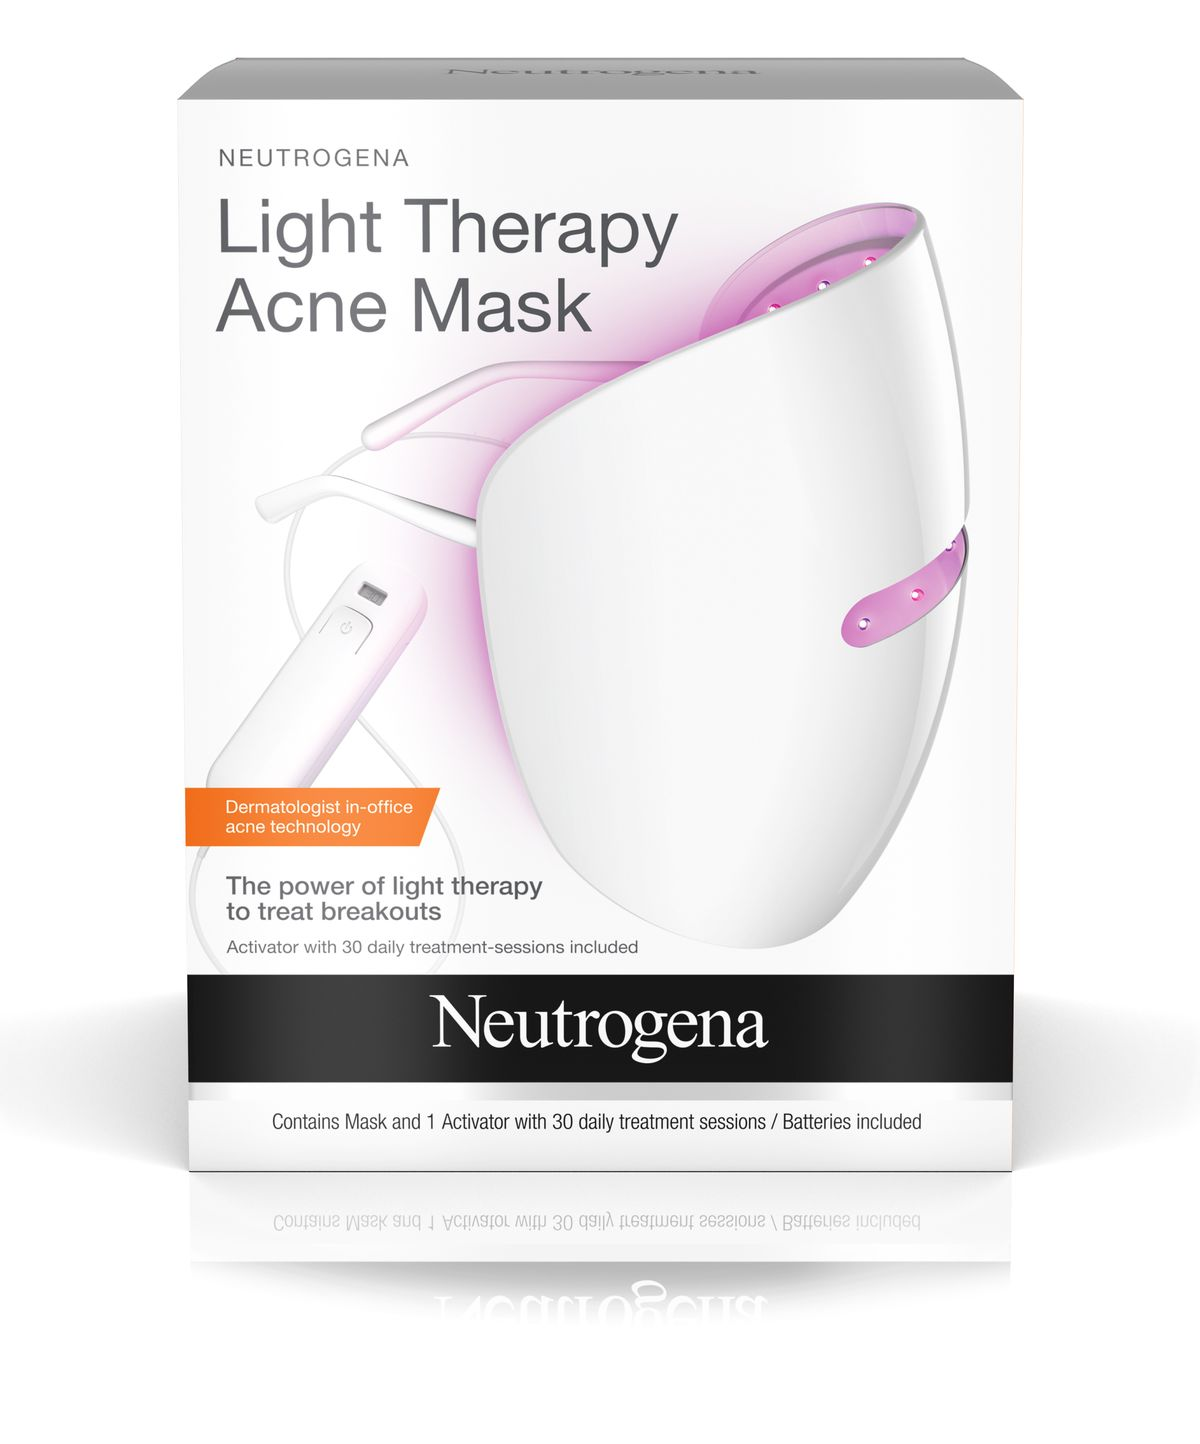 Neutrogena light therapy mask